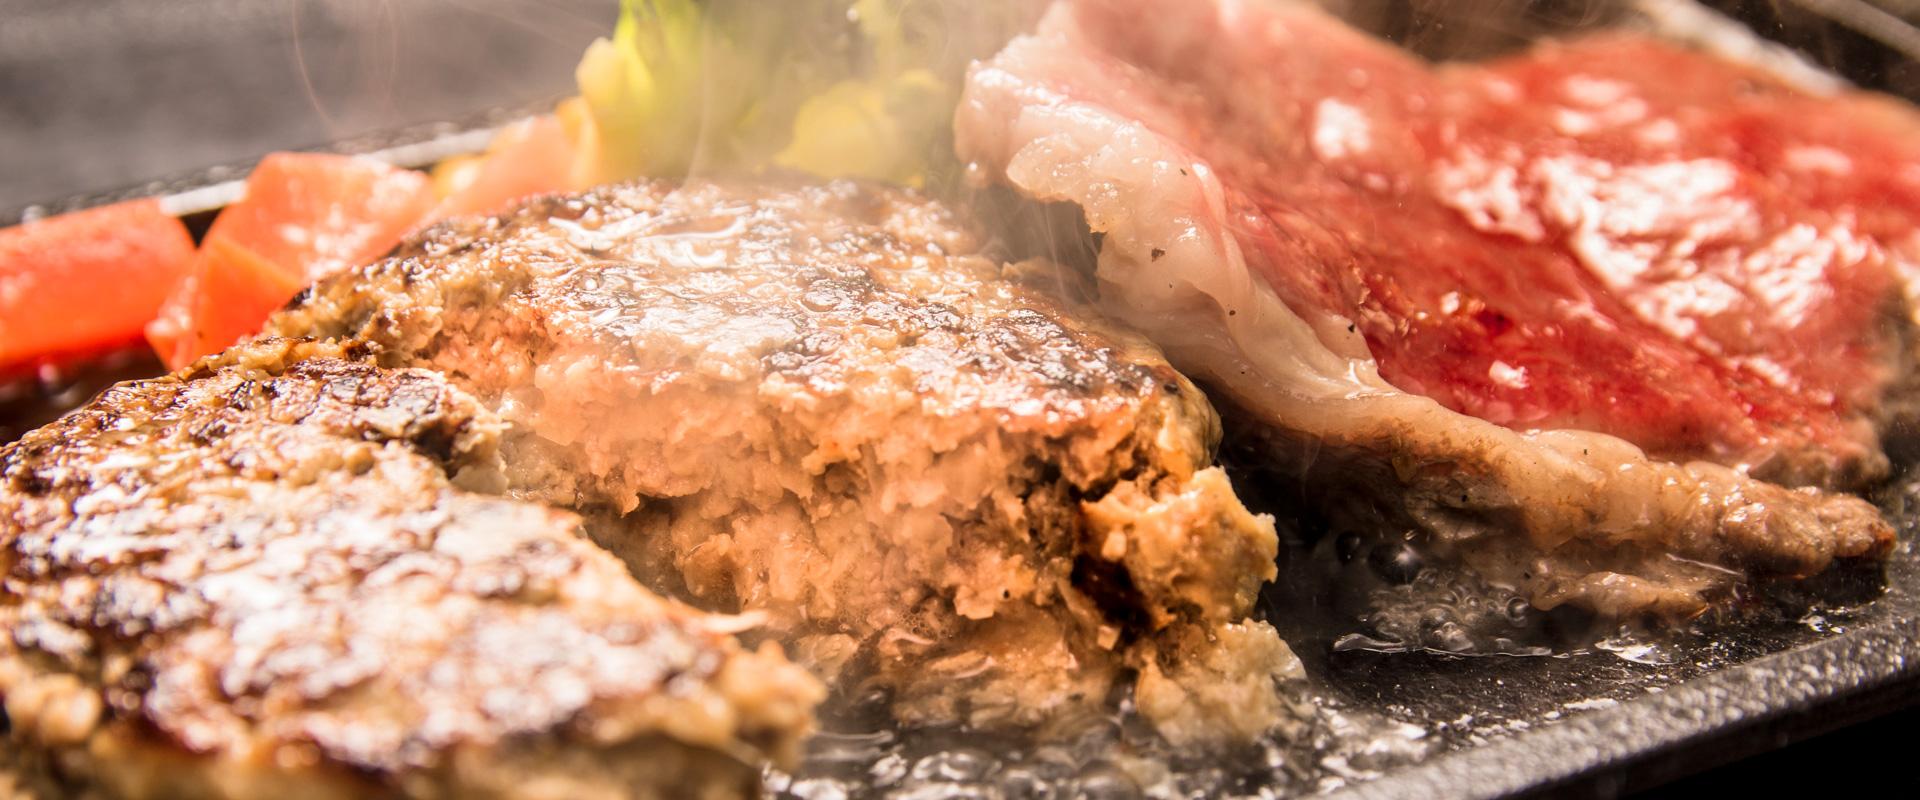 米沢牛使用のハンバーグとステーキ